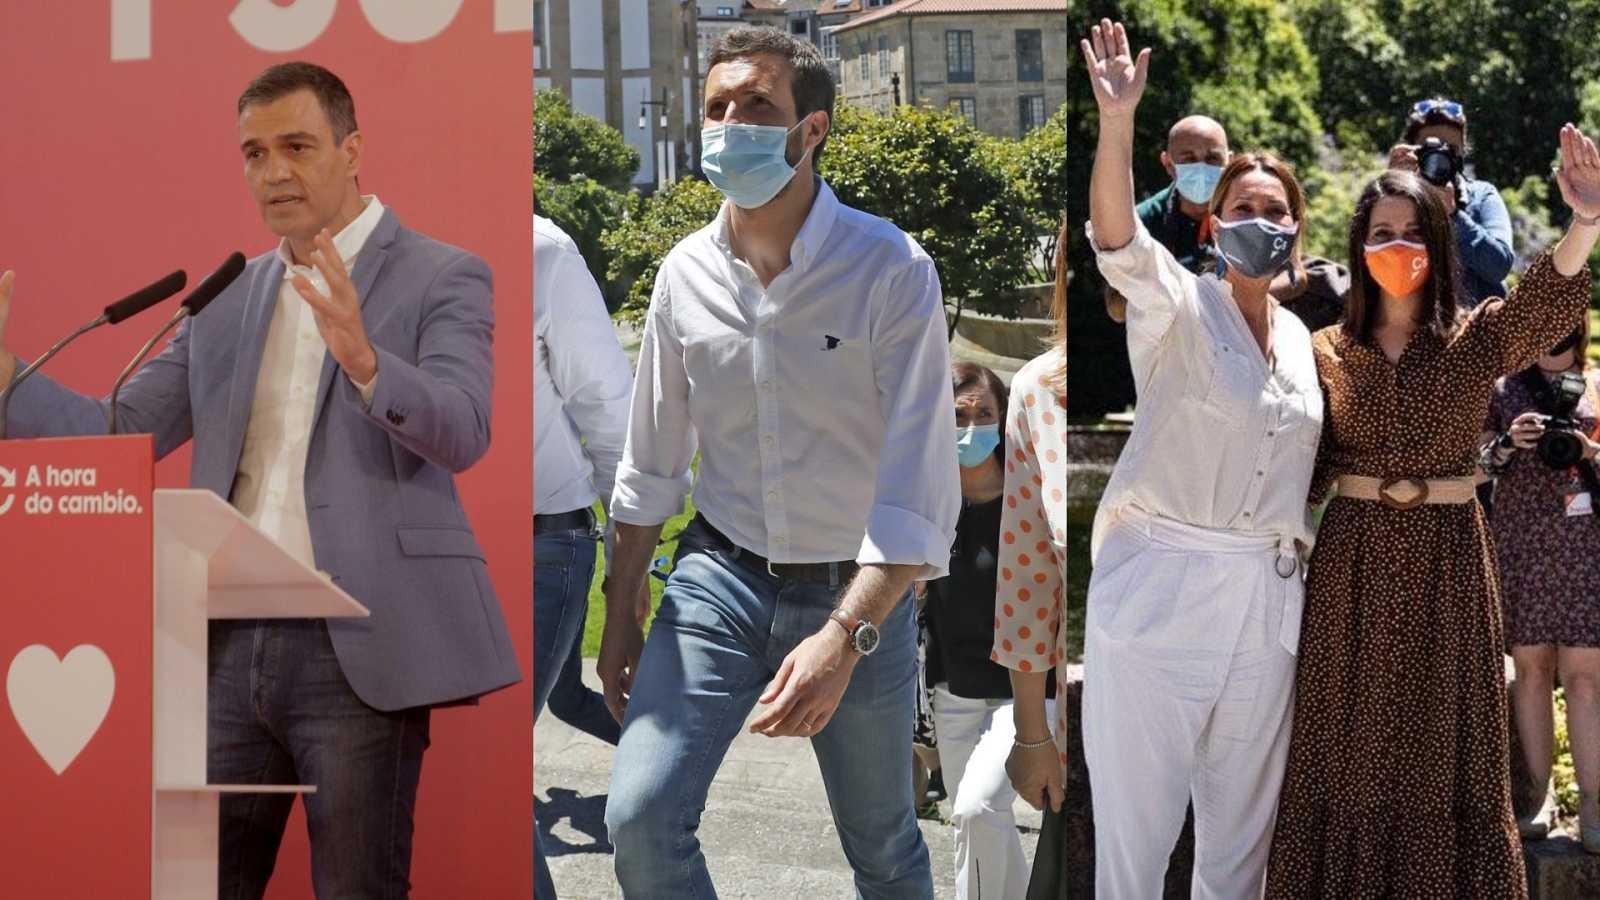 Elecciones gallegas: Entran en campaña Pedro Sánchez, Pablo Casado e Inés Arrimadas